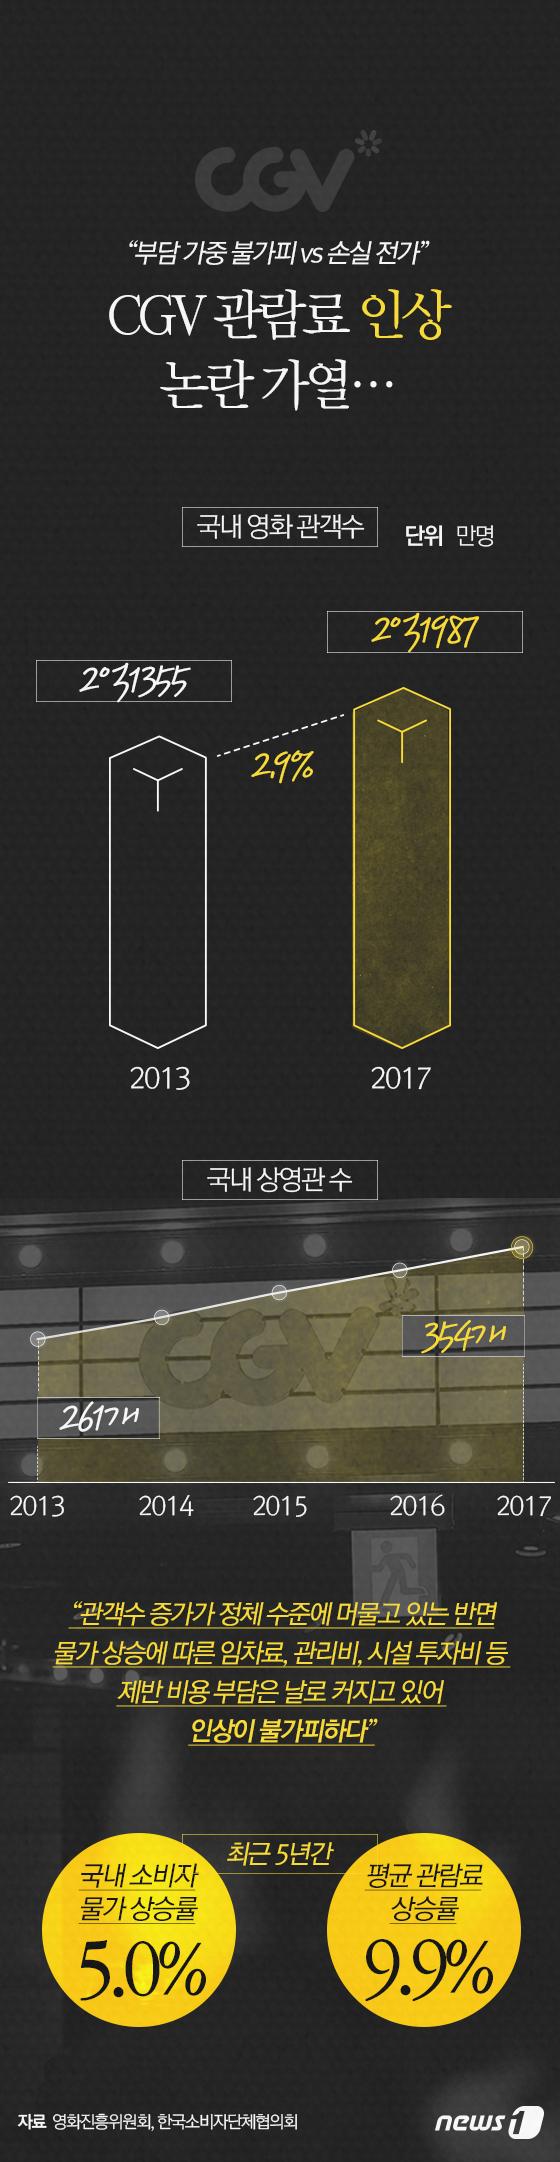 [그래픽뉴스] CGV 관람료 인상 논란 가열…